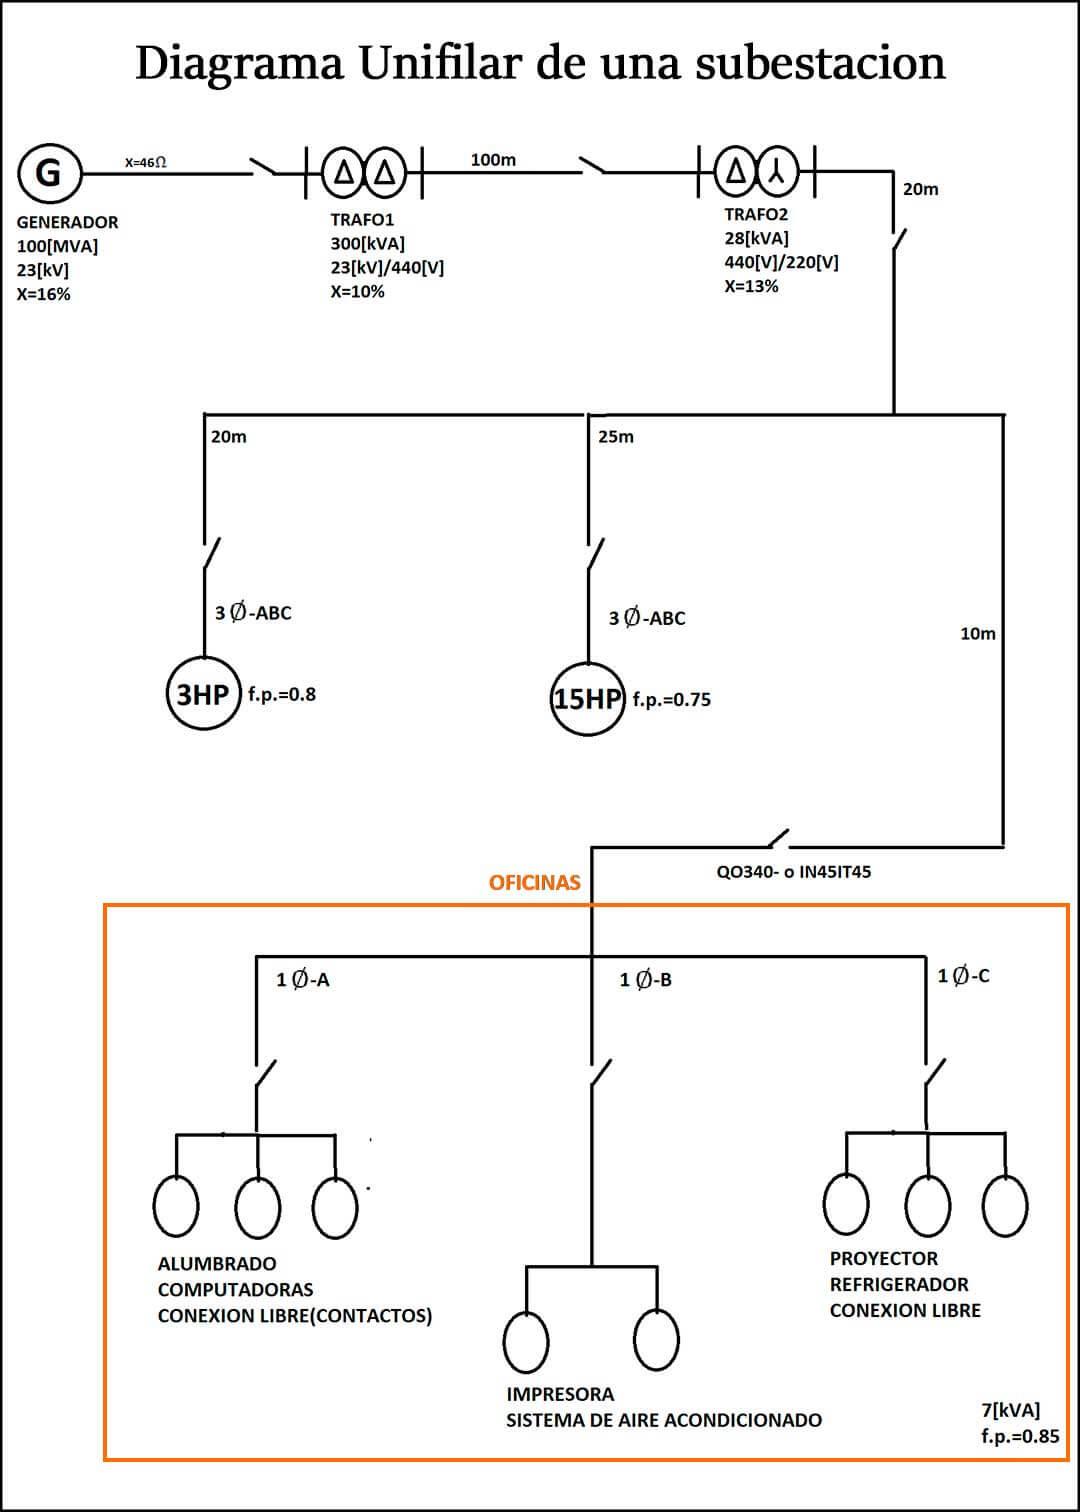 diagrama unifilar de una subestacion